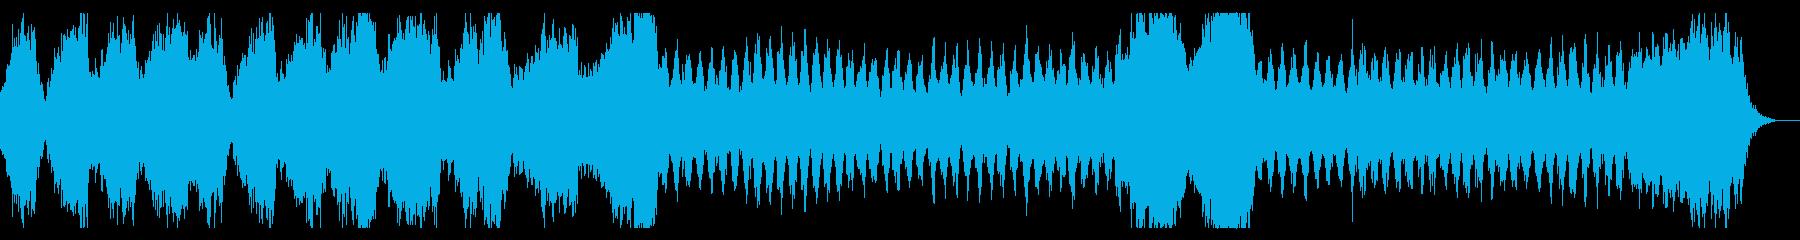 ダークな宇宙空間 異次元 ミステリアスの再生済みの波形